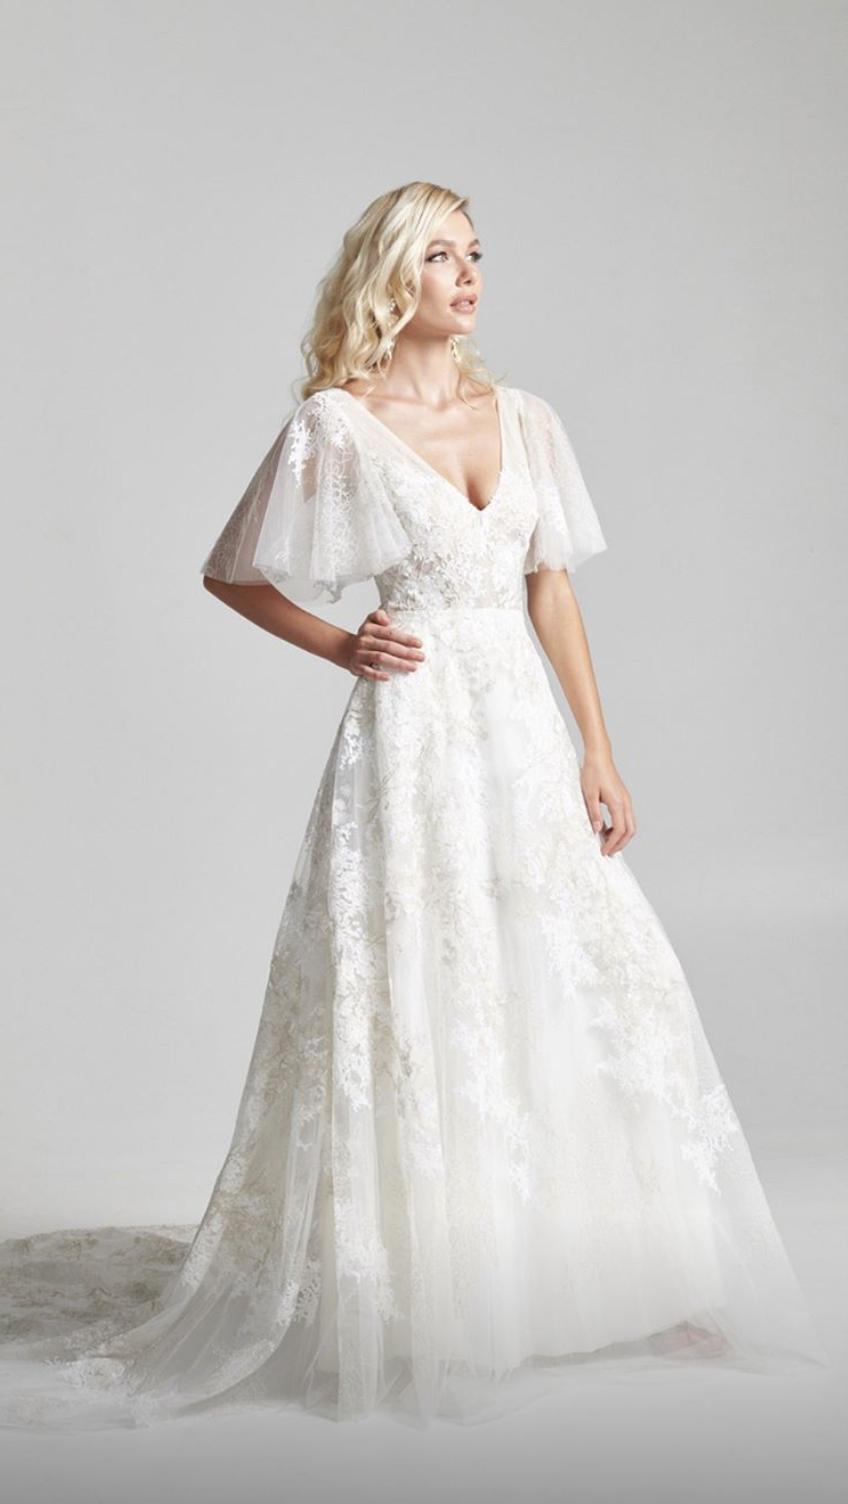 Flutter Sleeve A Line Wedding Dress Asymmetrical Wedding Dress Wedding Dresses A Line Wedding Dress [ 1504 x 848 Pixel ]